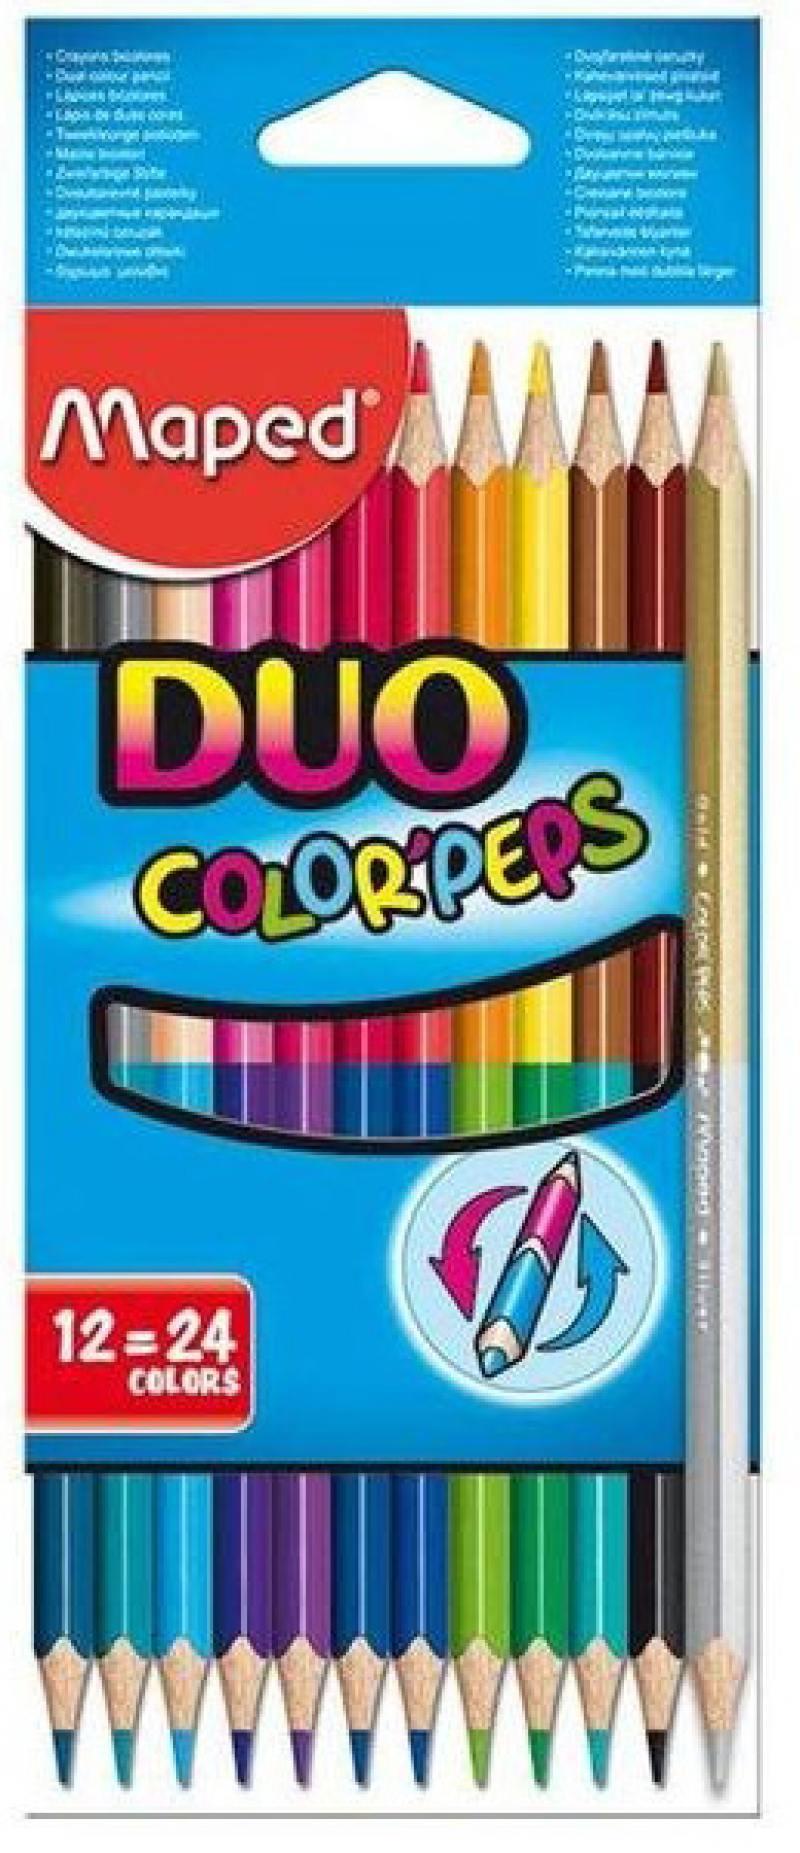 Набор цветных карандашей Maped Color Peps 12 шт 17.5 см двухсторонние 829600 набор карандашей цветных color peps 18цв треугольные из липы